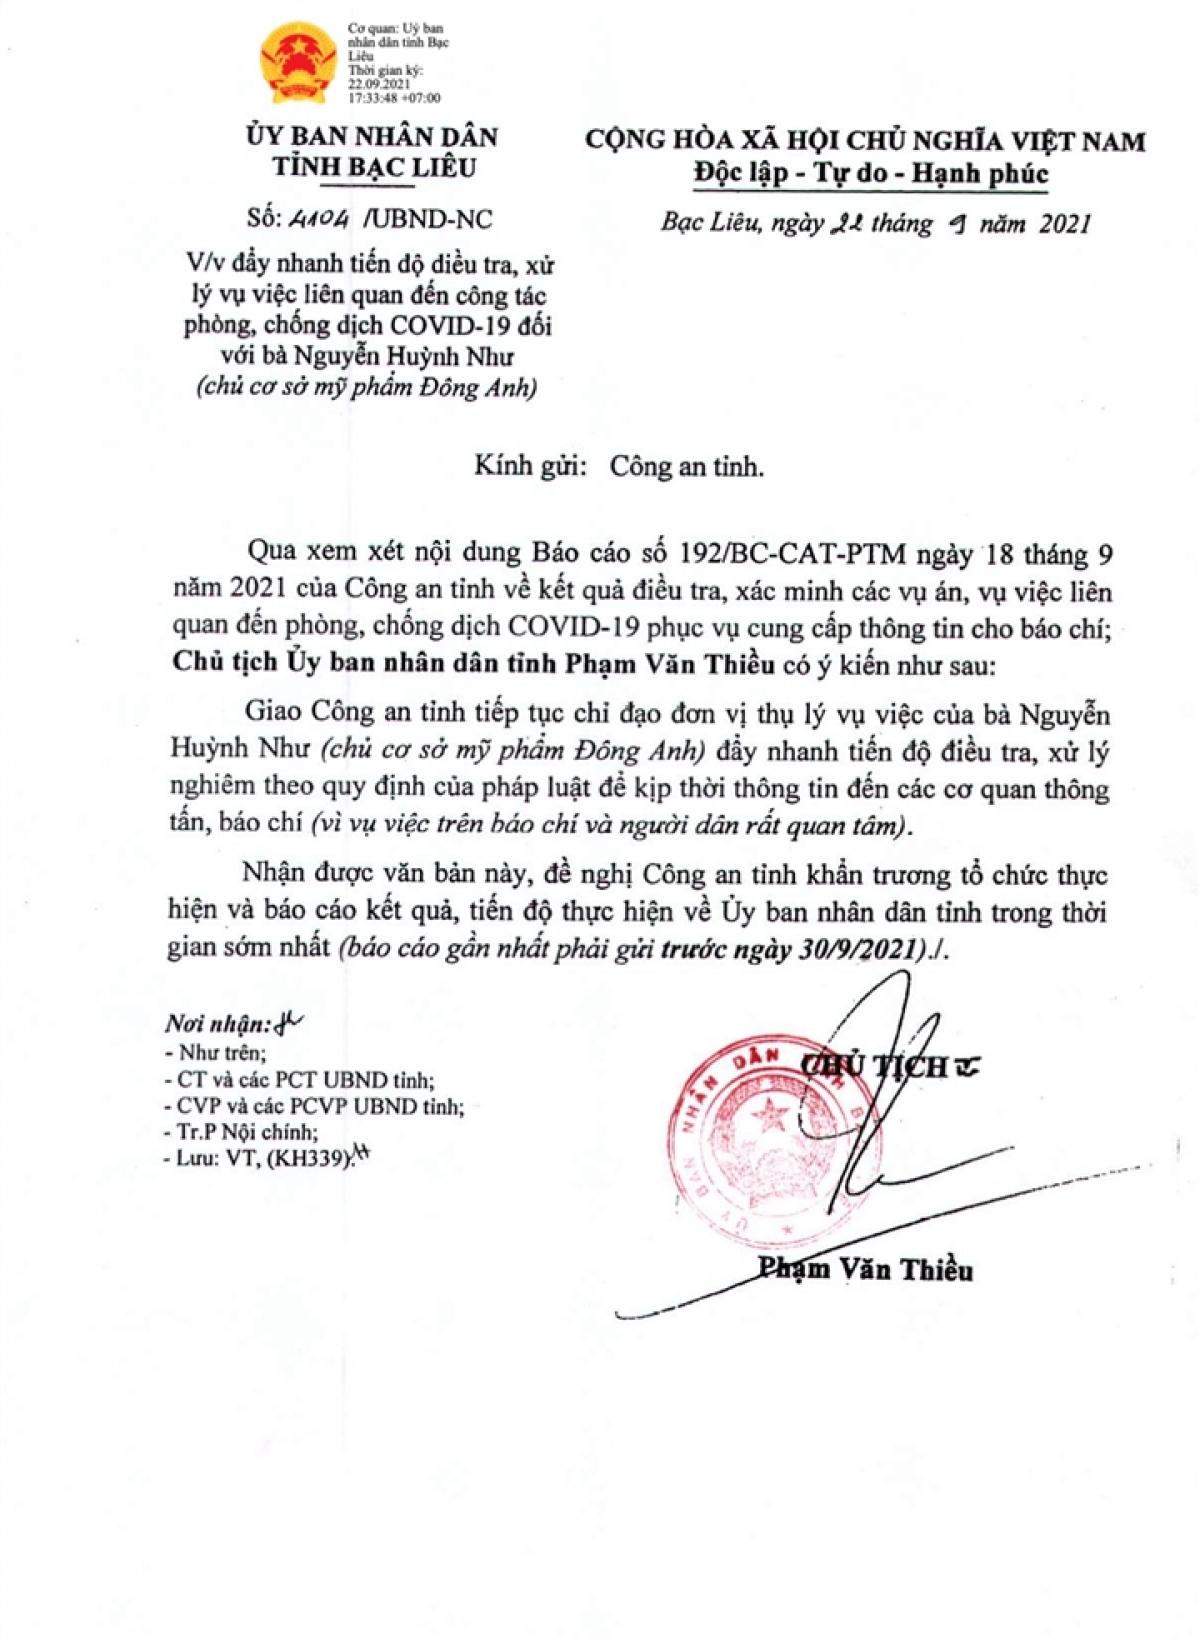 Văn bản của UBND tỉnh Bạc Liêu.